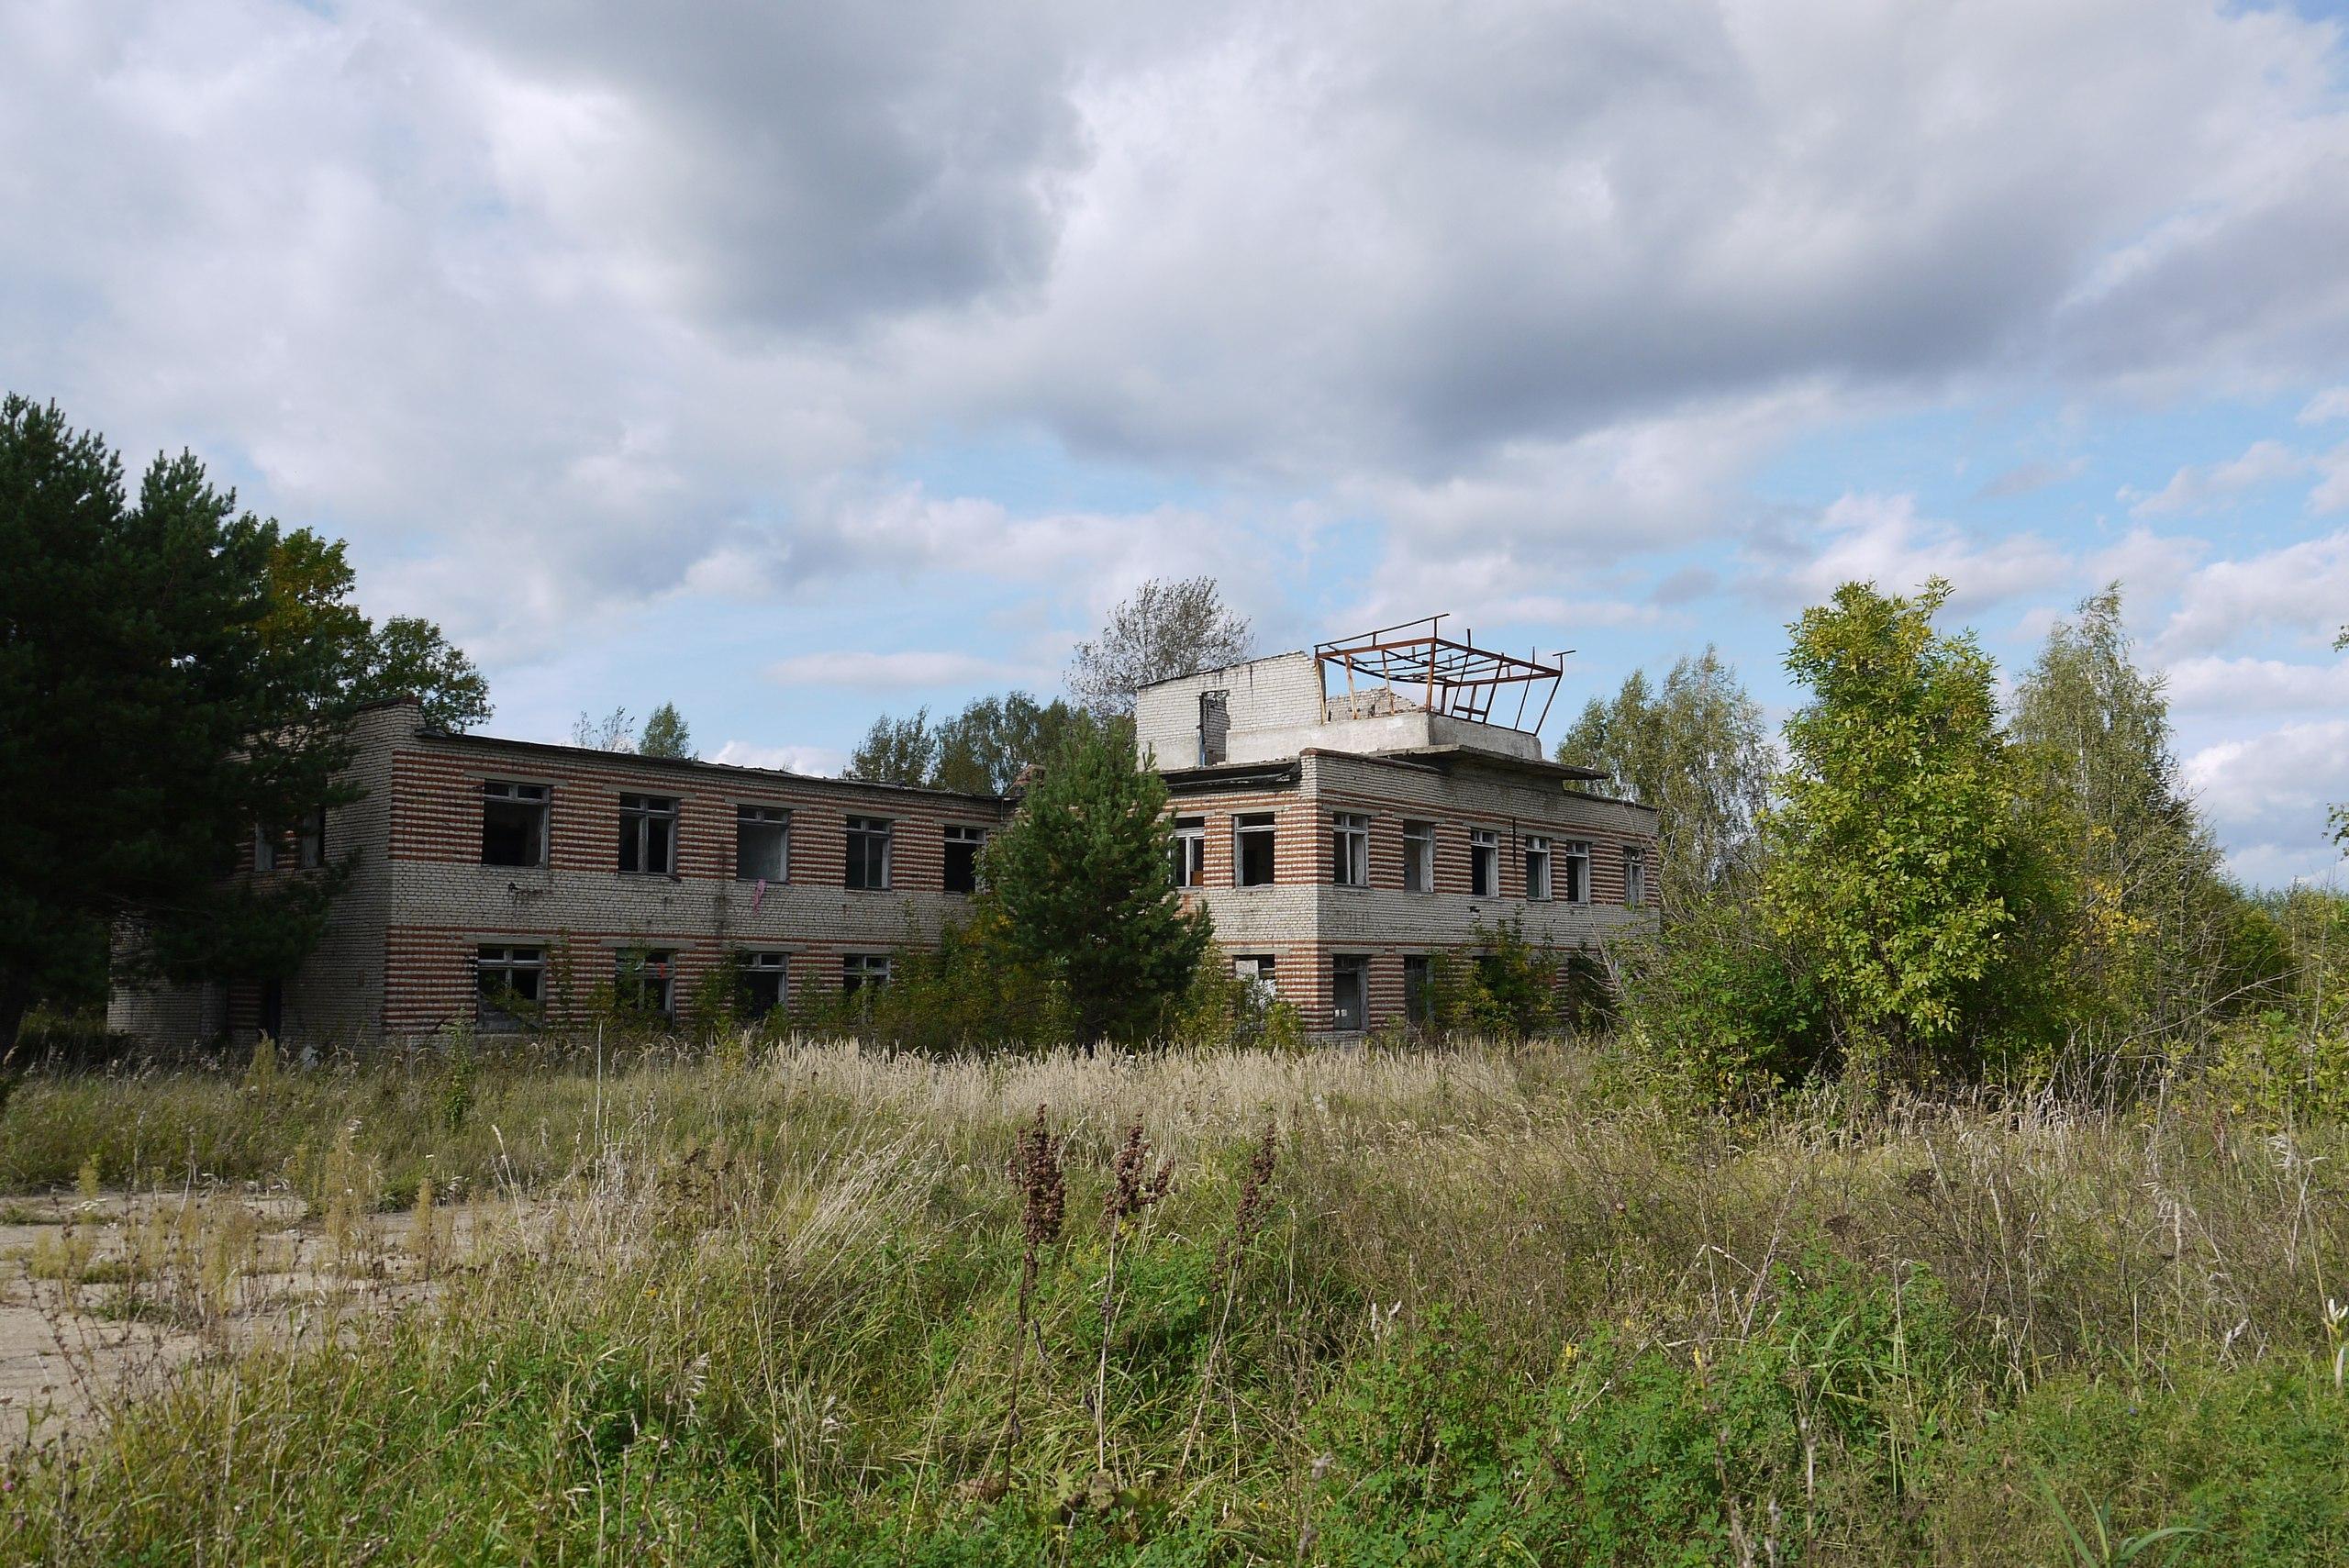 Аэродром где-то в Калужской области